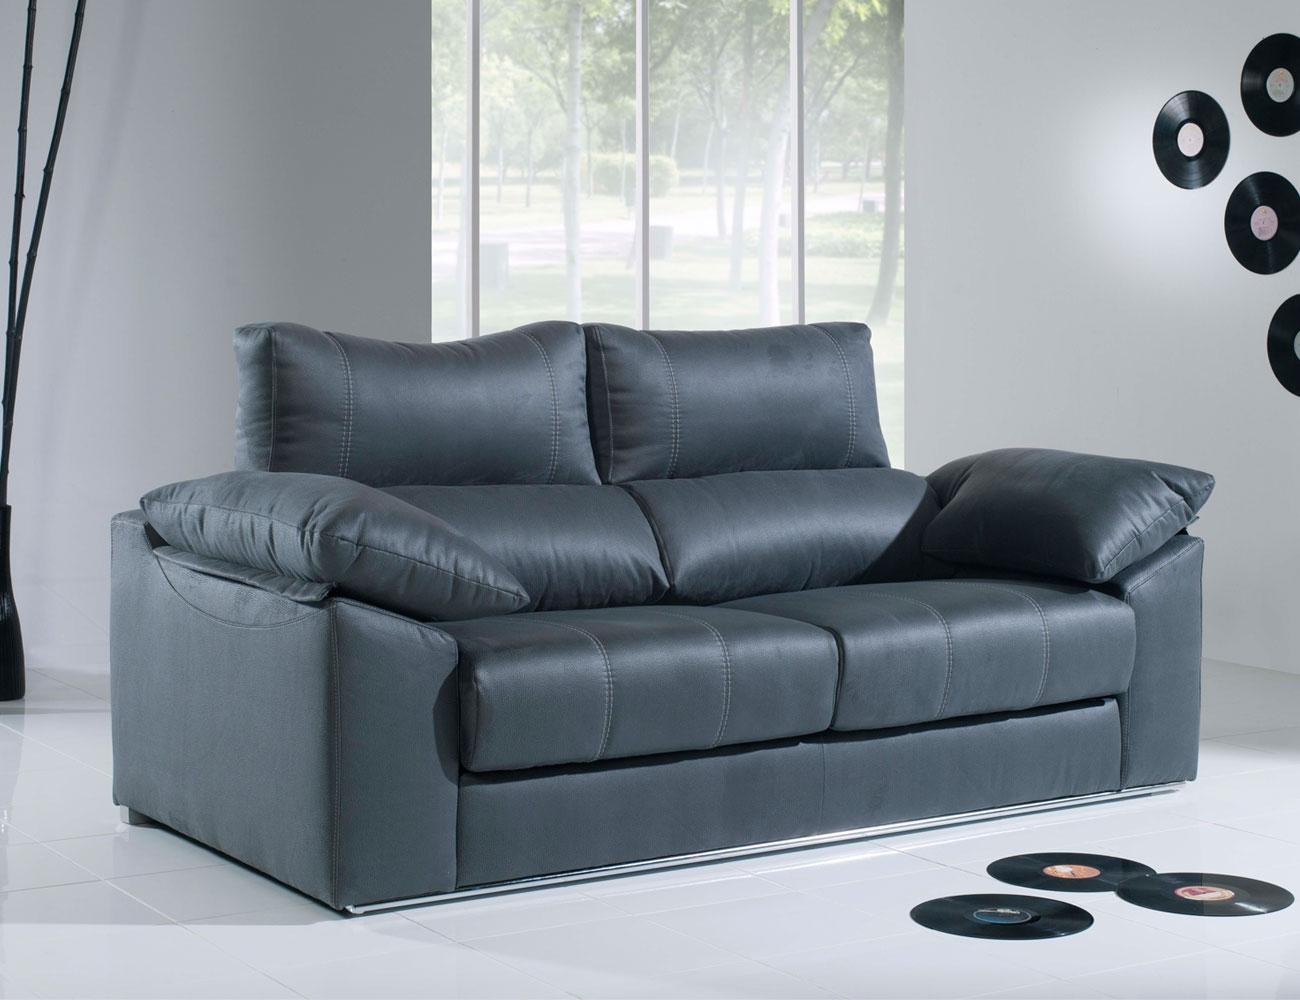 Sofa 3 plazas moderno con barra110